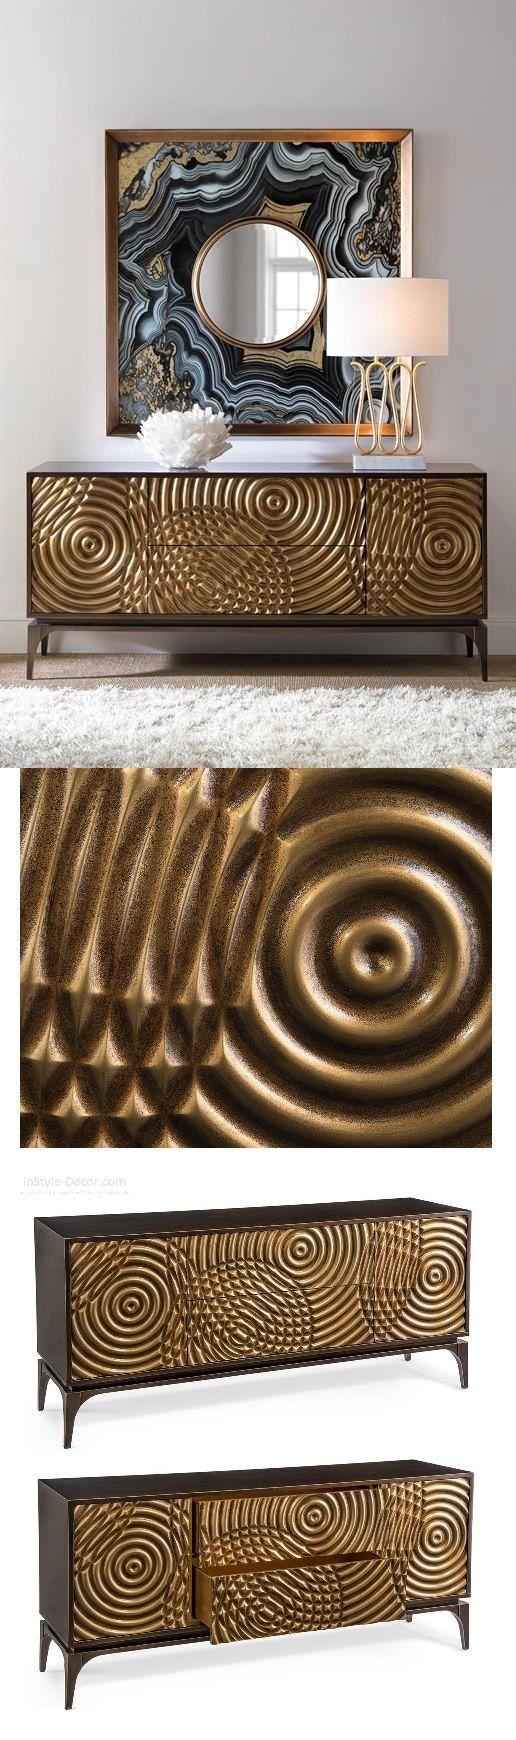 Messing Sideboard Wohndesign | Wohnzimmer Ideen | BRABBU | Einrichtungsideen | Luxus Möbel | wohnideen | www.brabbu.com